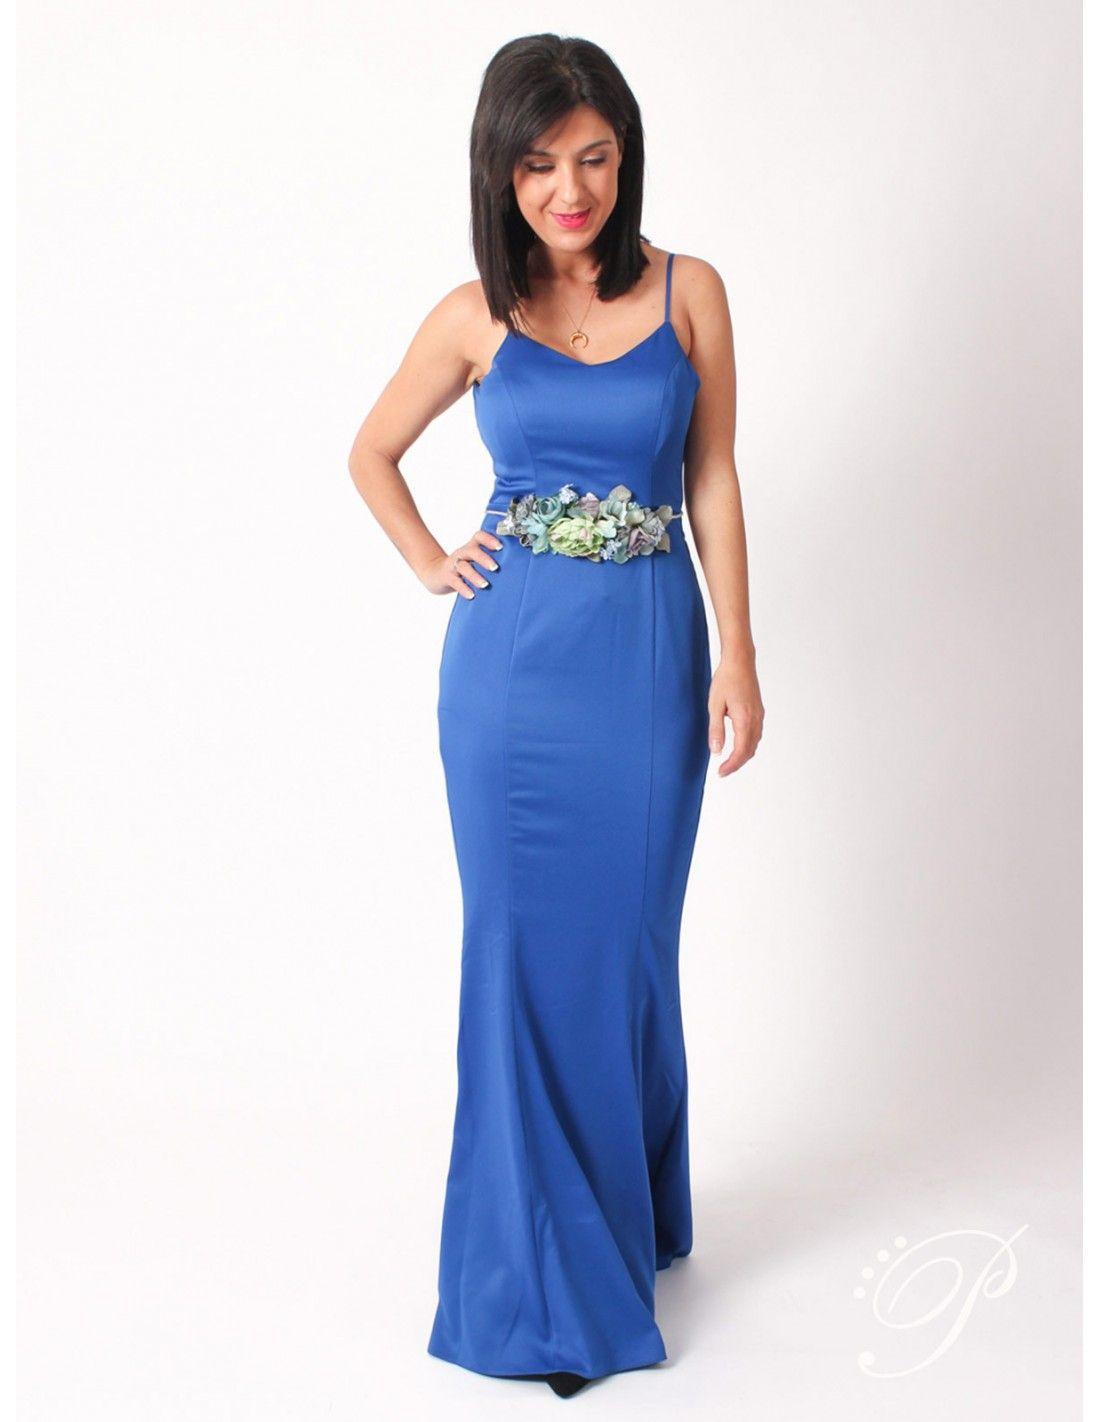 d292763f0a Vestido Raisa   Lipsy London - Vestido de corte sirena en azul eléctrico en  tejido de